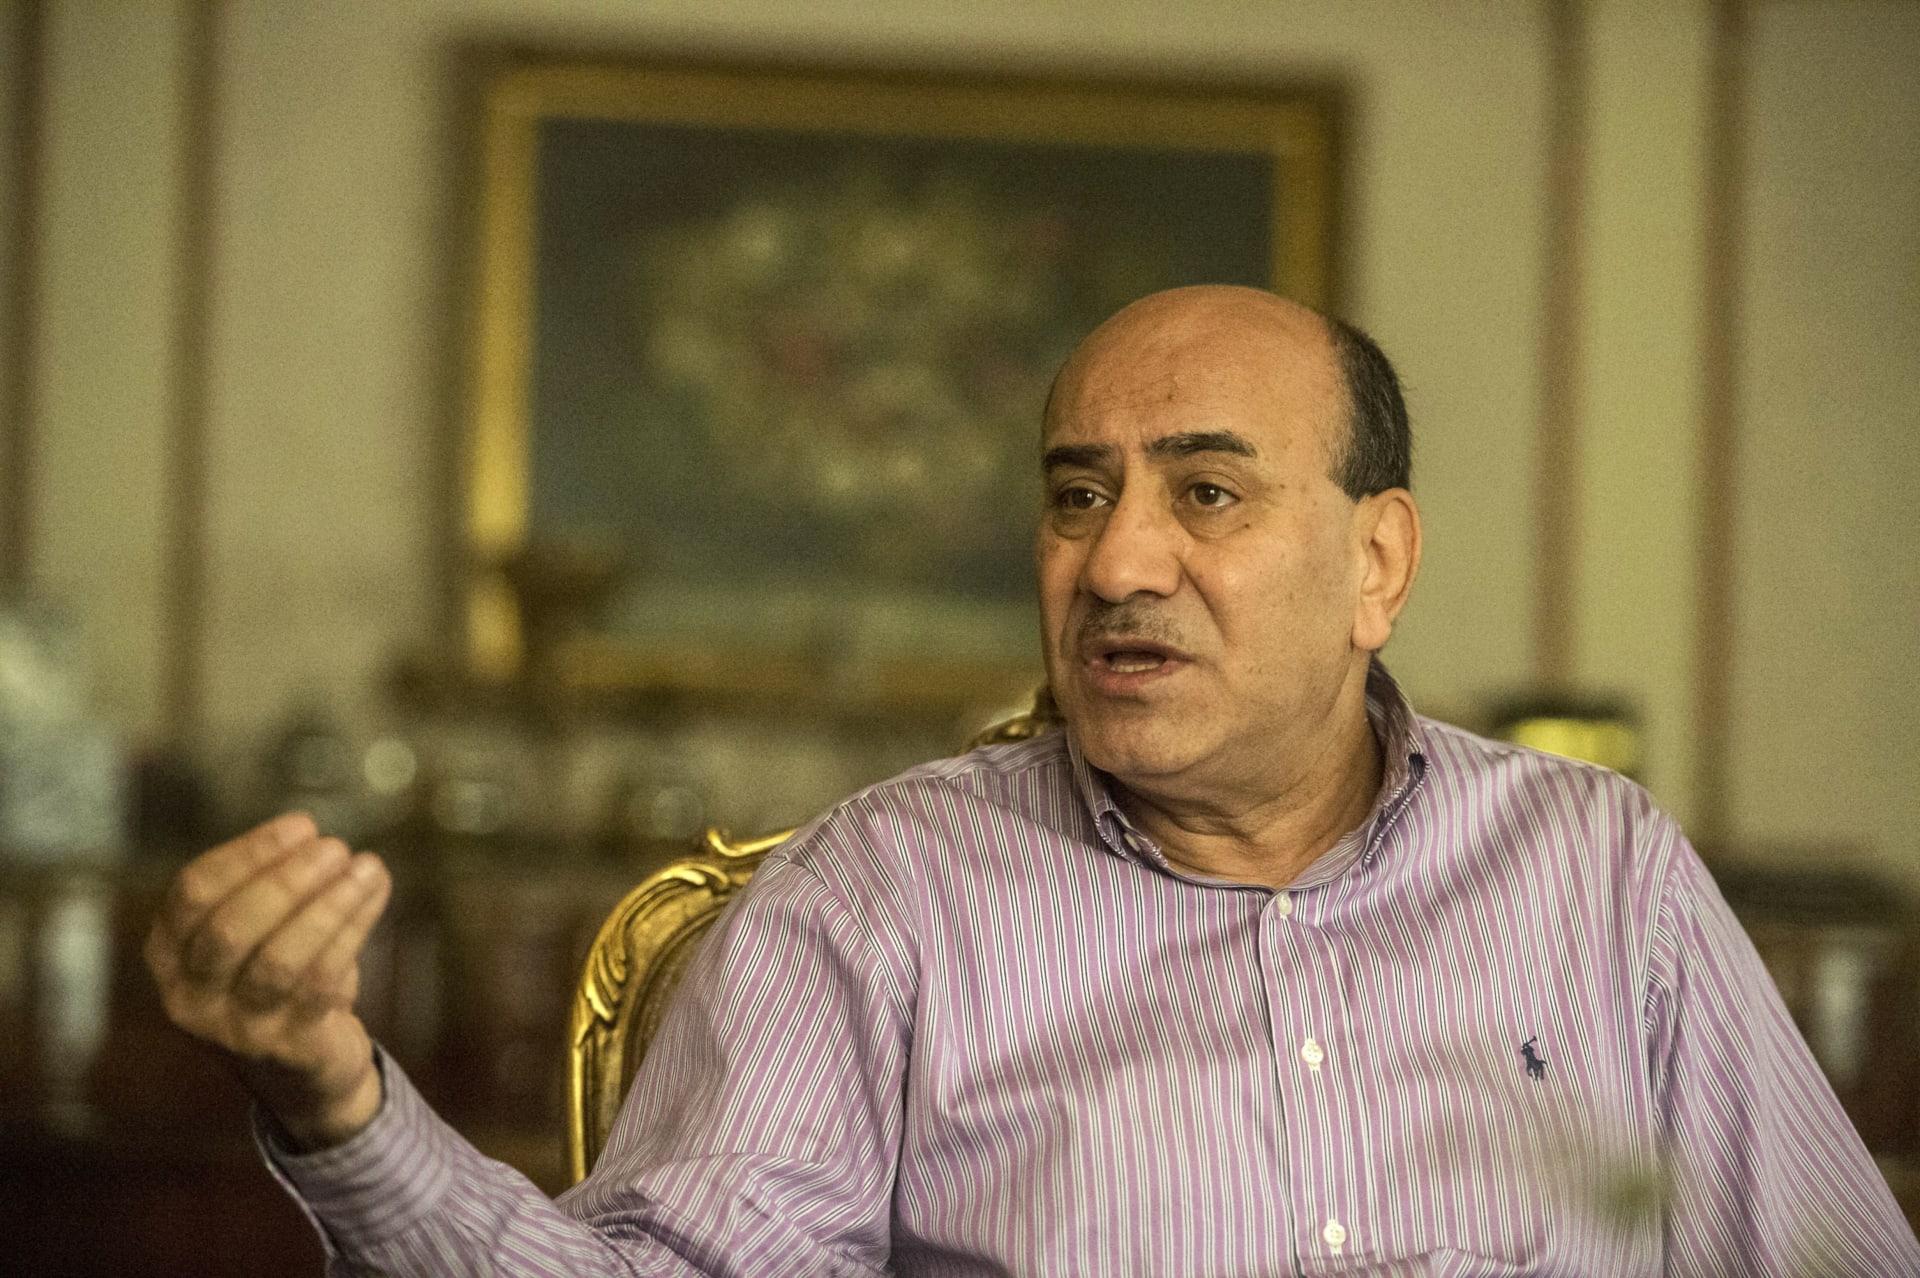 أمريكا: نتابع قضية توقيف هشام جنينة وأثرنا مع مصر حرية الانتخابات